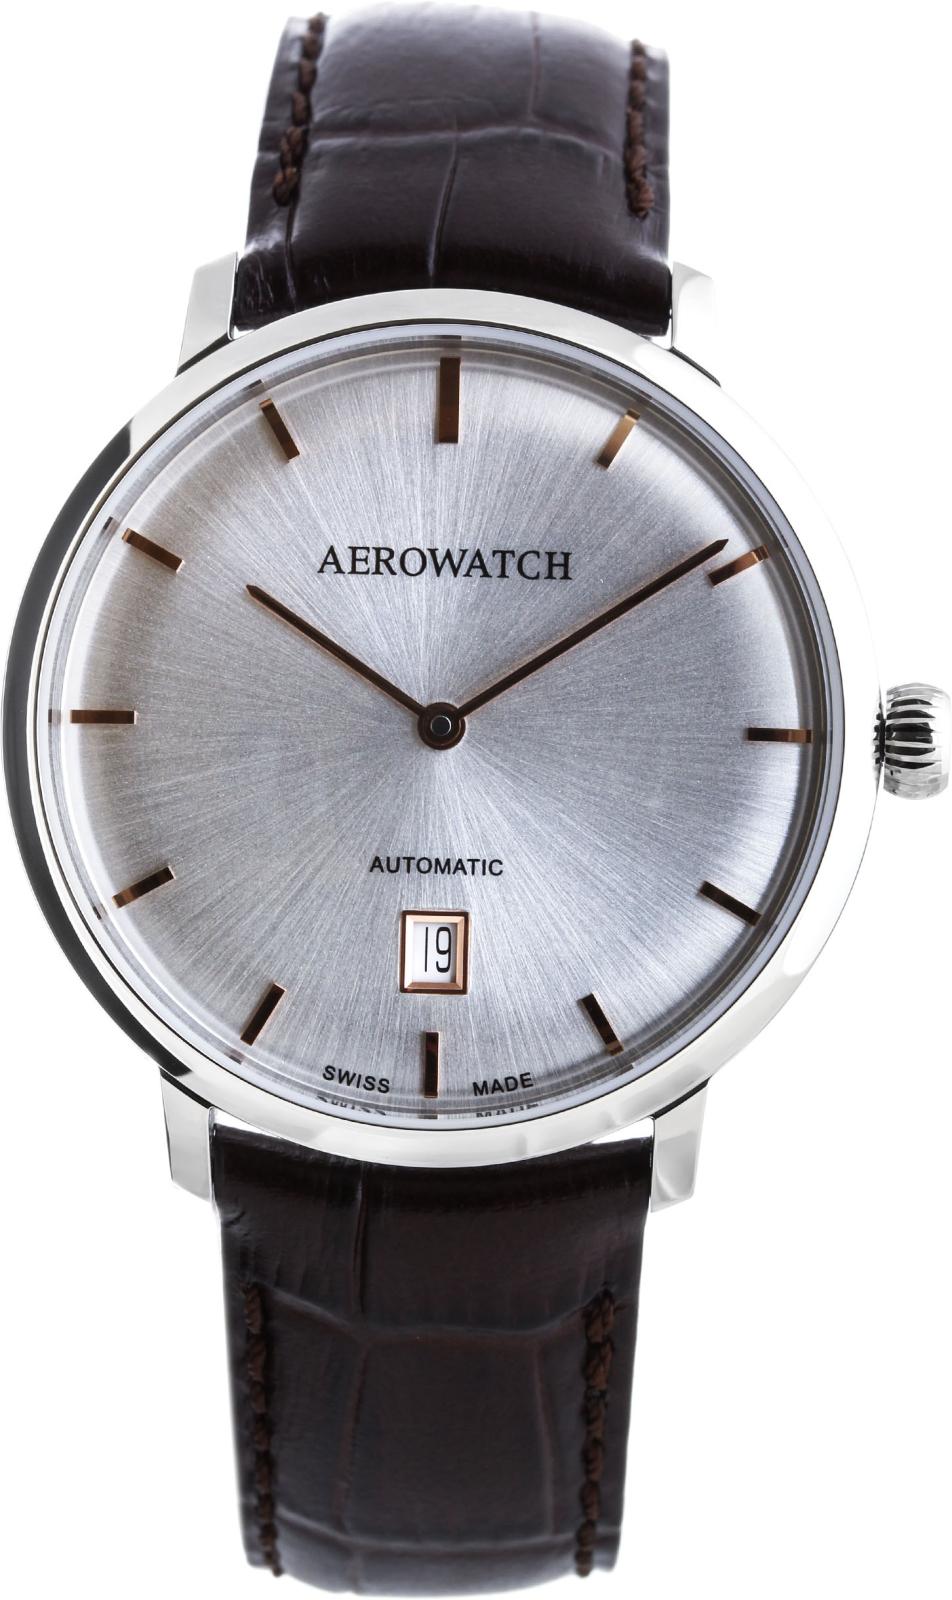 Aerowatch Heritage 67975 AA01Наручные часы<br>Швейцарские часы Aerowatch Heritage 67975 AA01<br><br>Пол: Мужские<br>Страна-производитель: Швейцария<br>Механизм: Механический<br>Материал корпуса: Сталь<br>Материал ремня/браслета: Кожа<br>Водозащита, диапазон: None<br>Стекло: Сапфировое<br>Толщина корпуса: None<br>Стиль: None